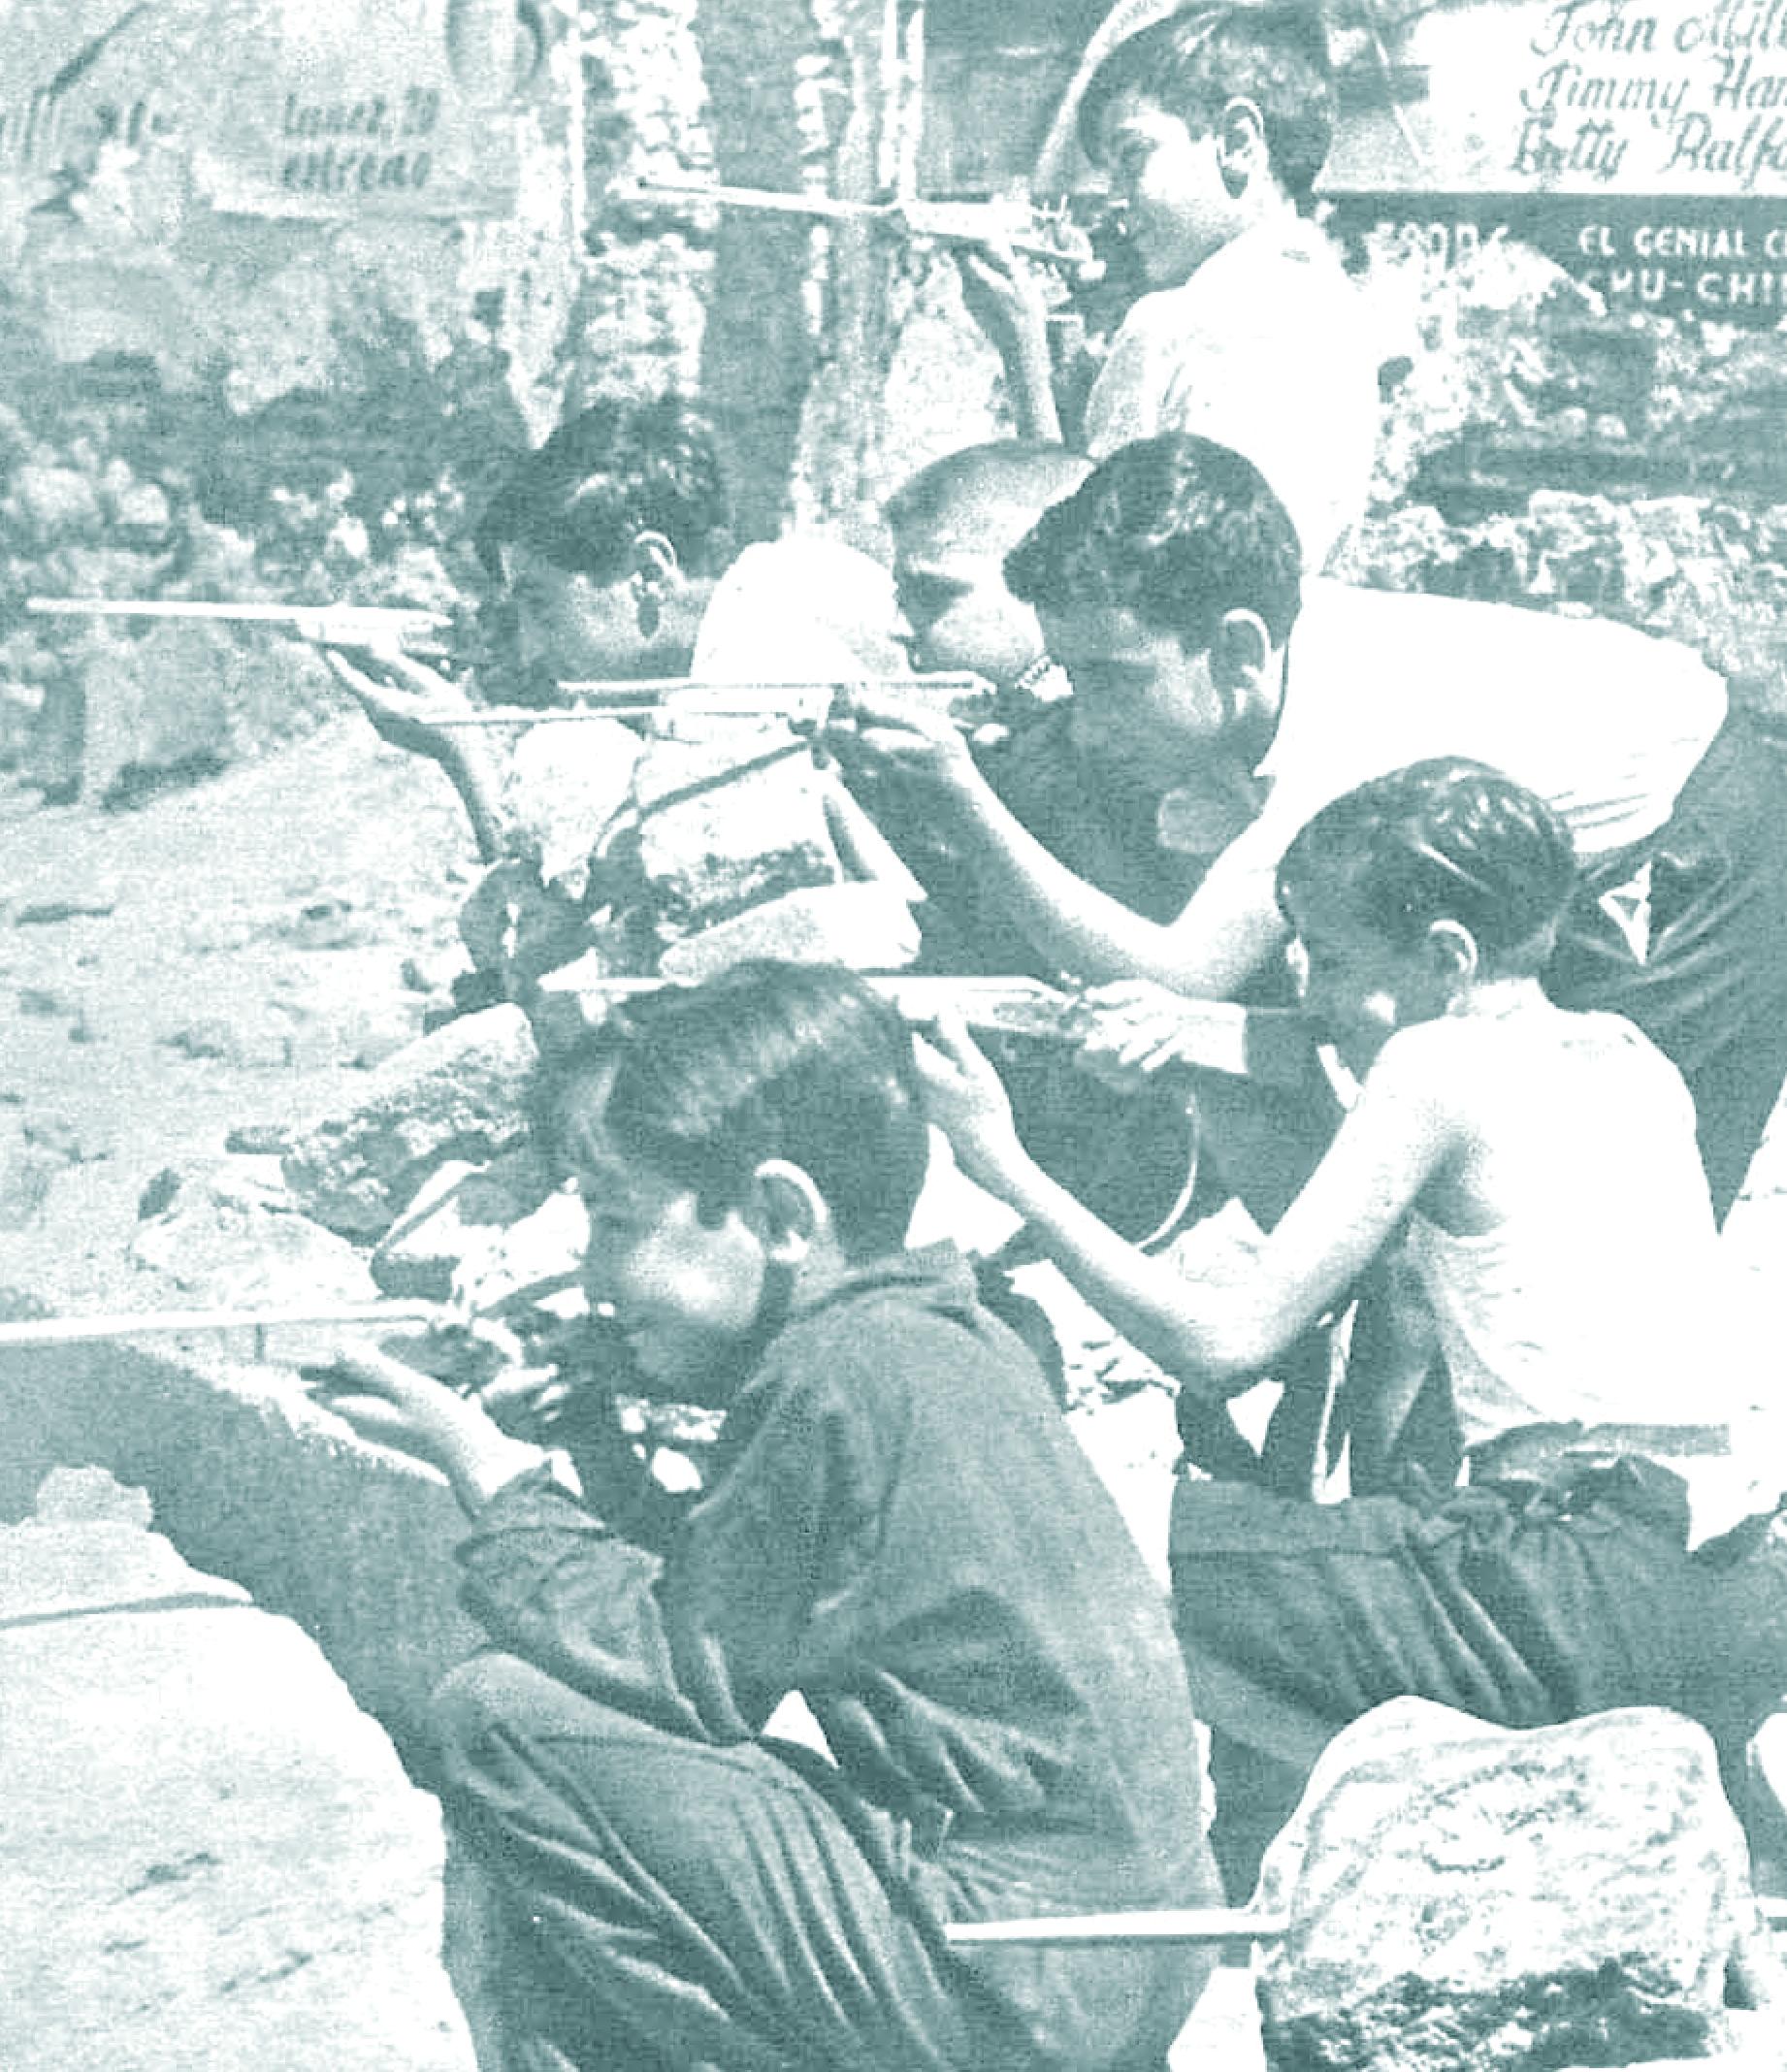 niños jugando a la guerra junto a la plaza de españa de madrid. Agosto de 1936